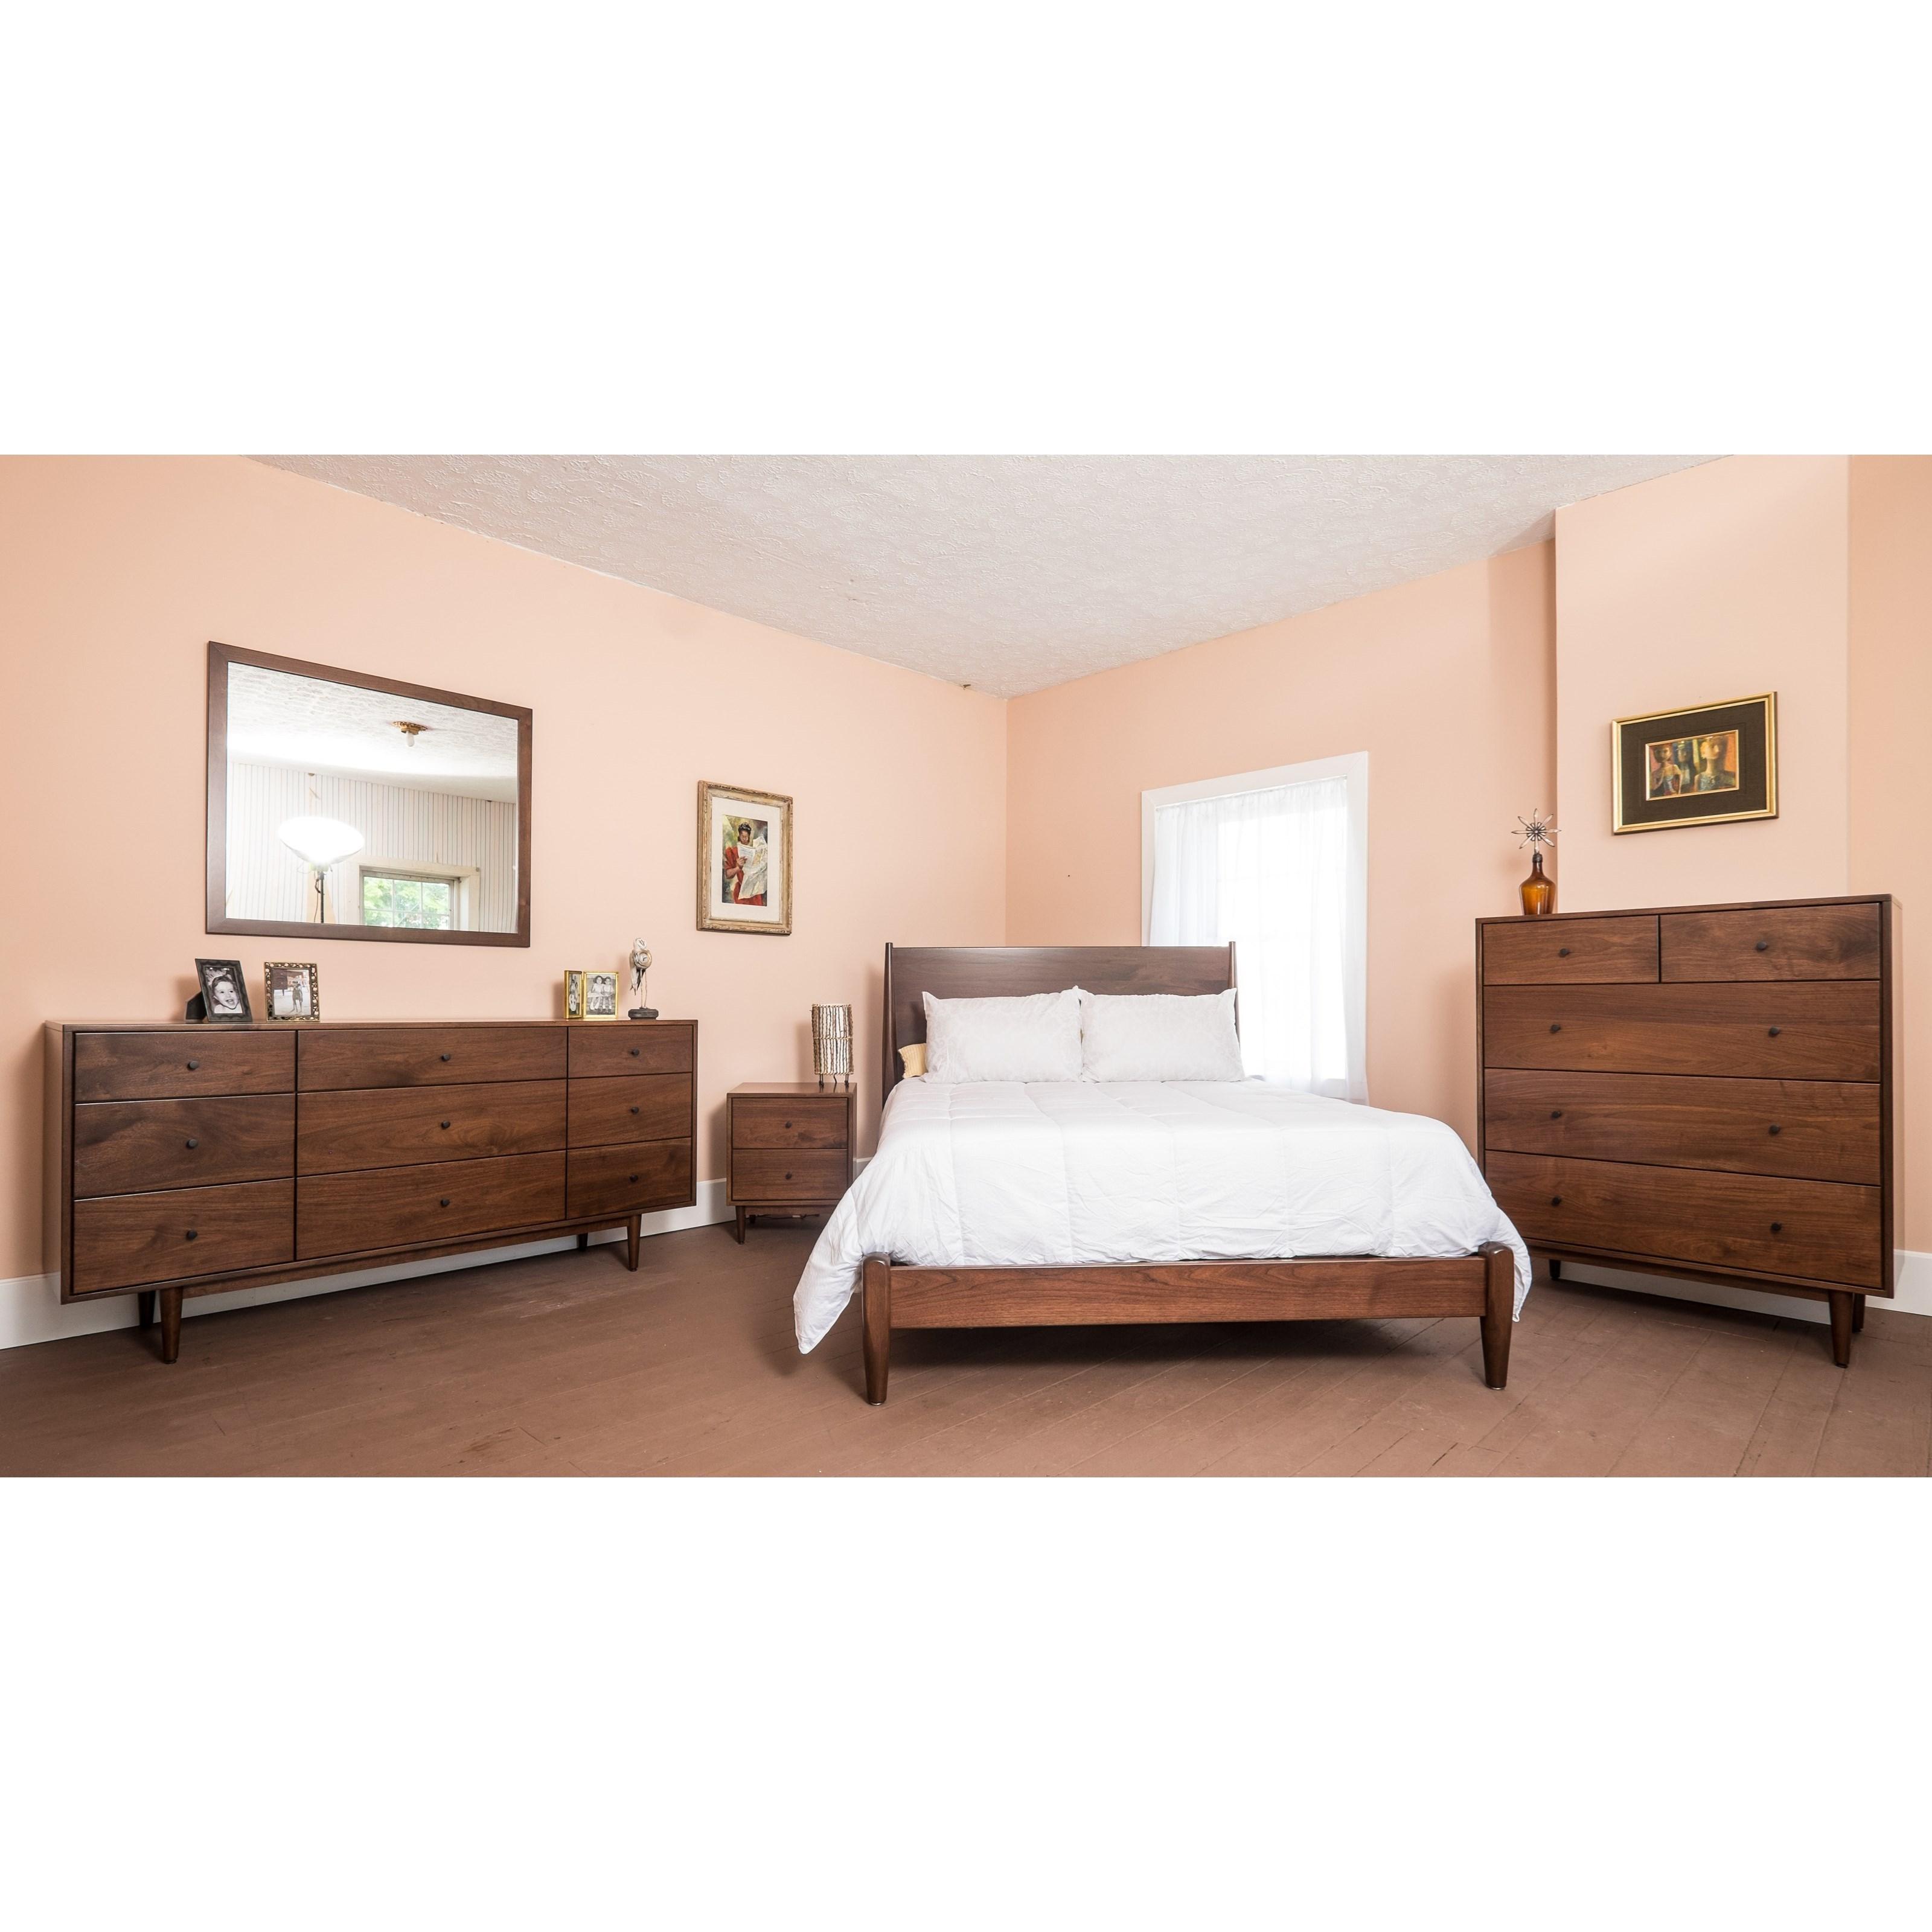 Sullivan Road Customizable Queen Bedroom Group by Glenmont Furniture at Saugerties Furniture Mart